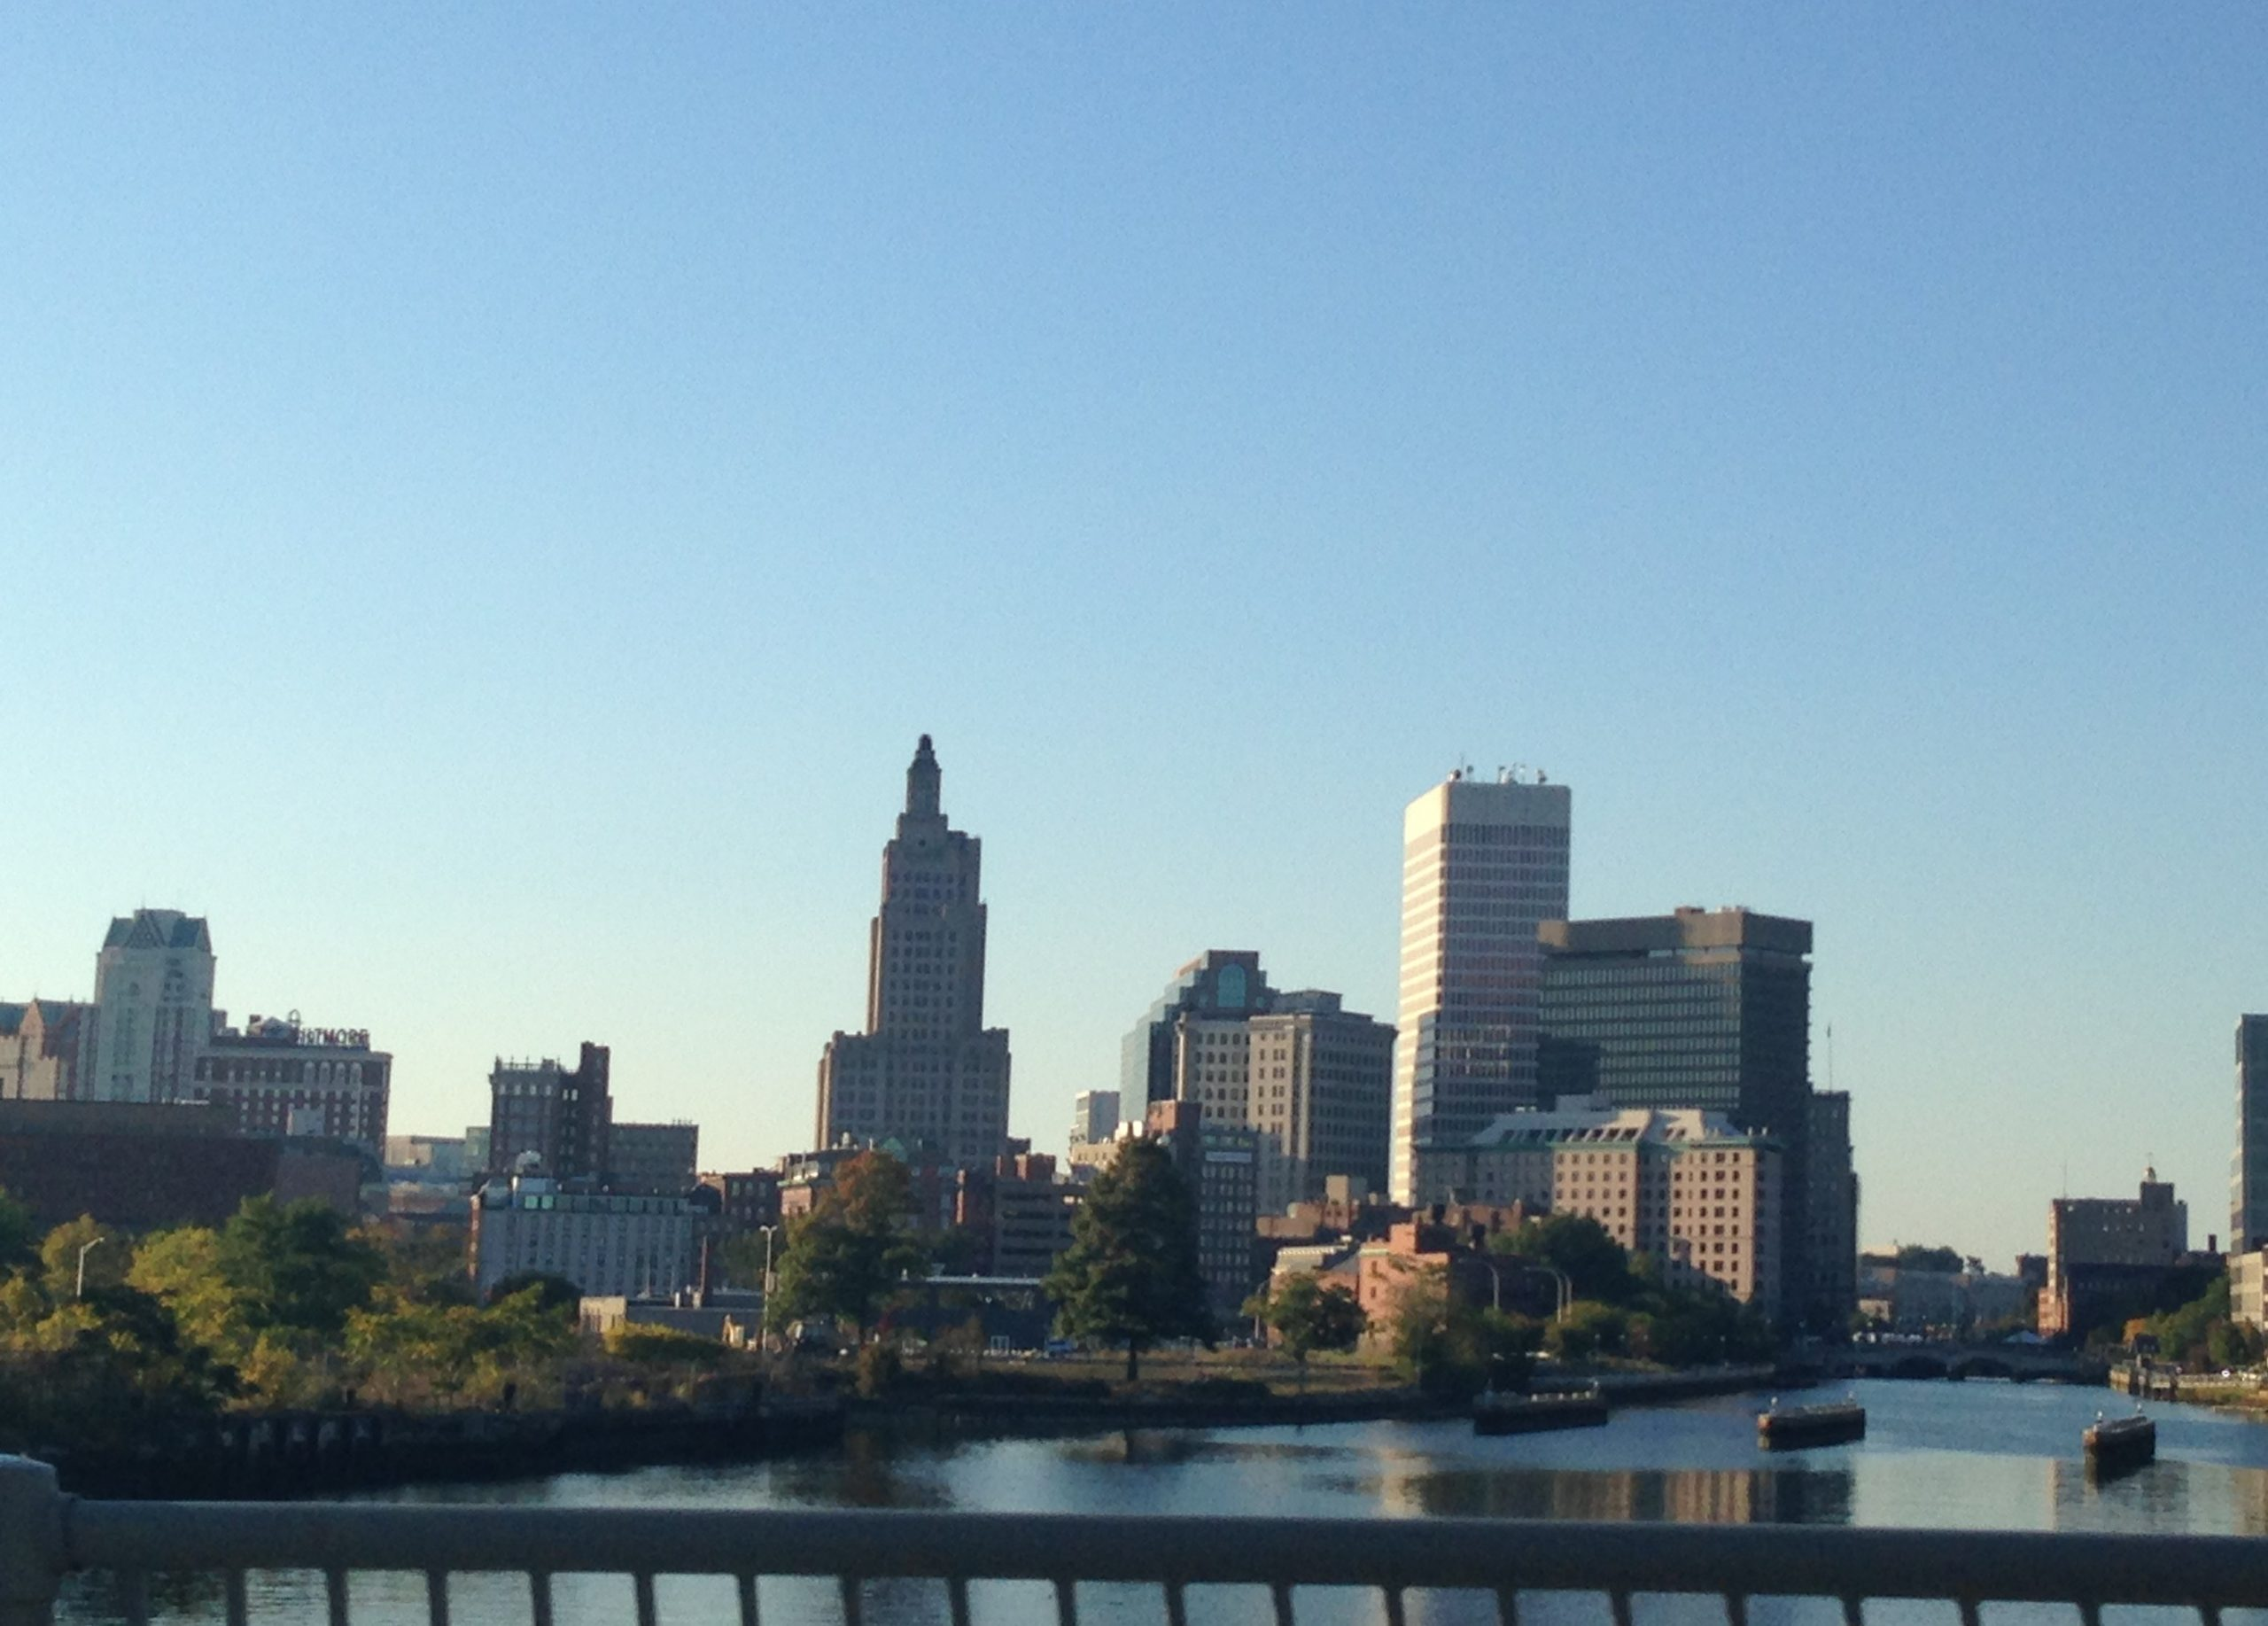 Days 119-120: Massachusetts & Rhode Island (Part 2)